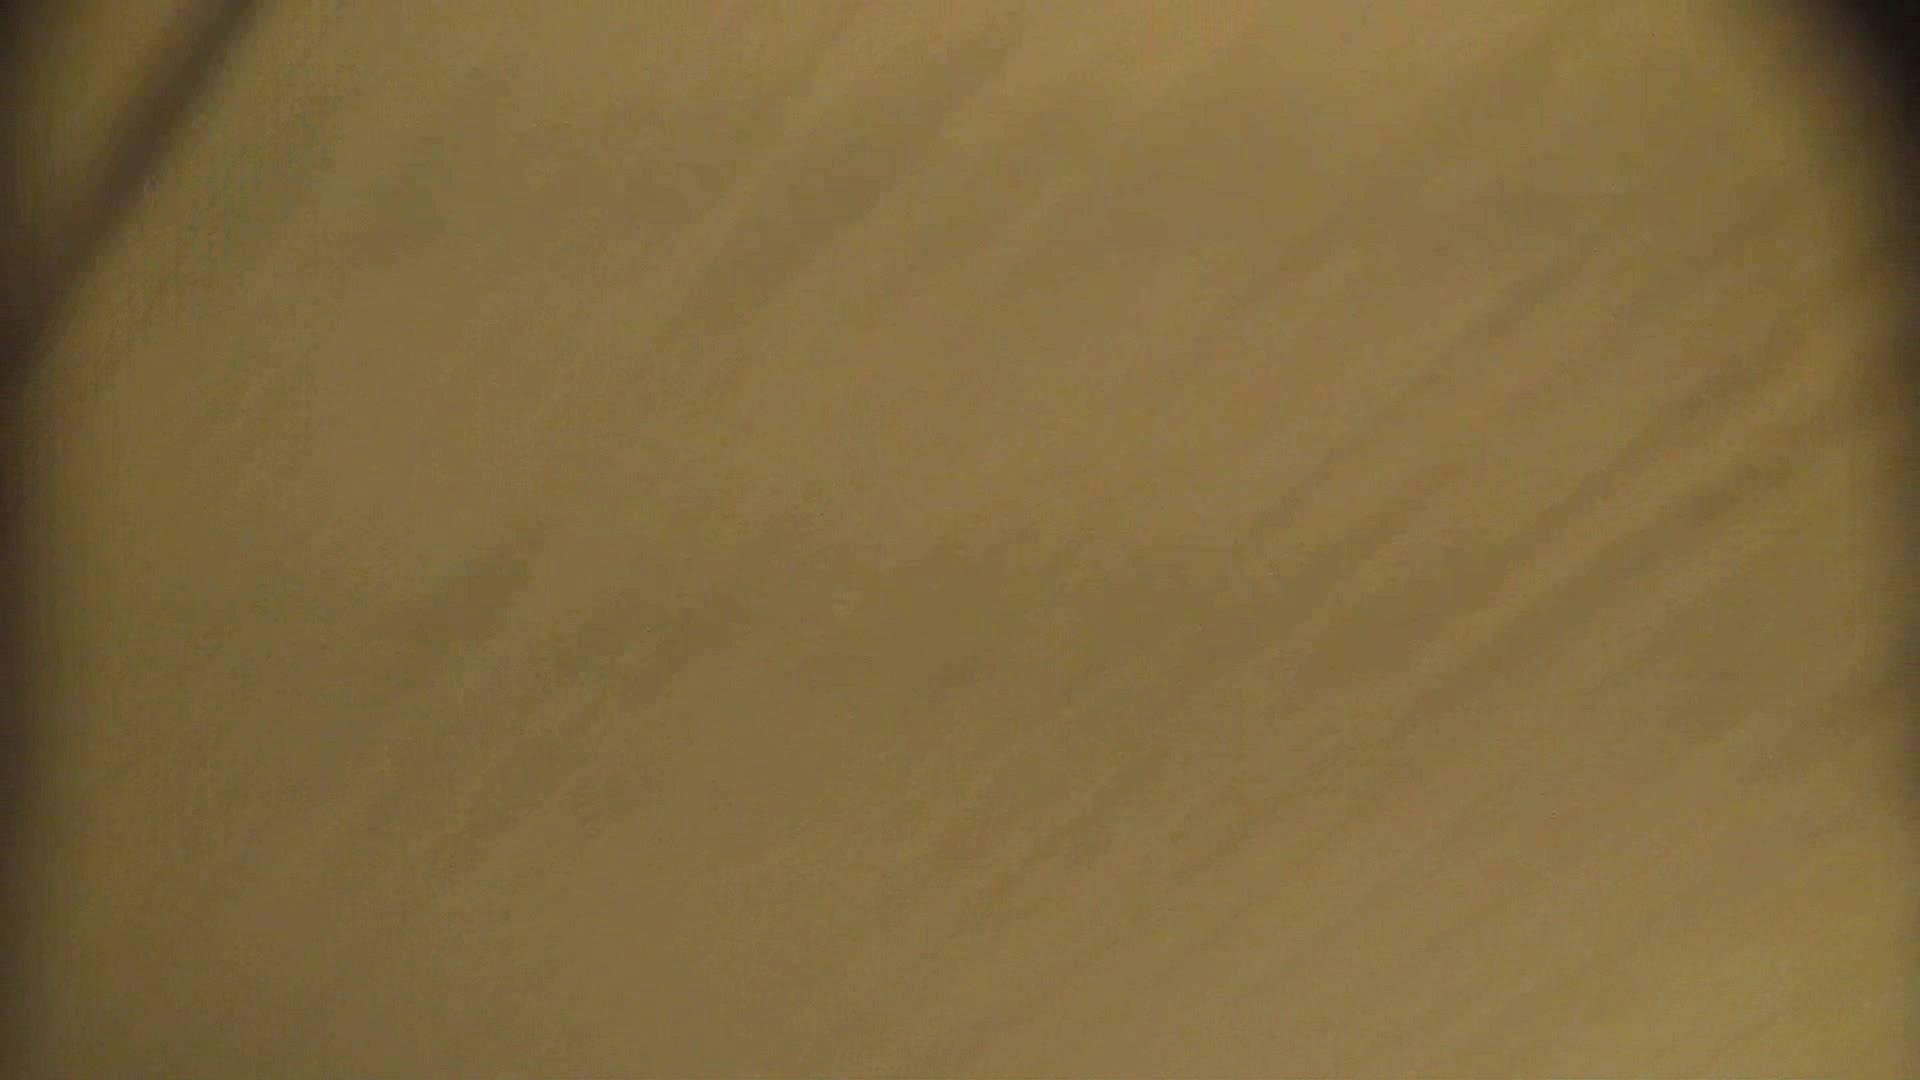 阿国ちゃんの「和式洋式七変化」No.6 洗面所 濡れ場動画紹介 61連発 26